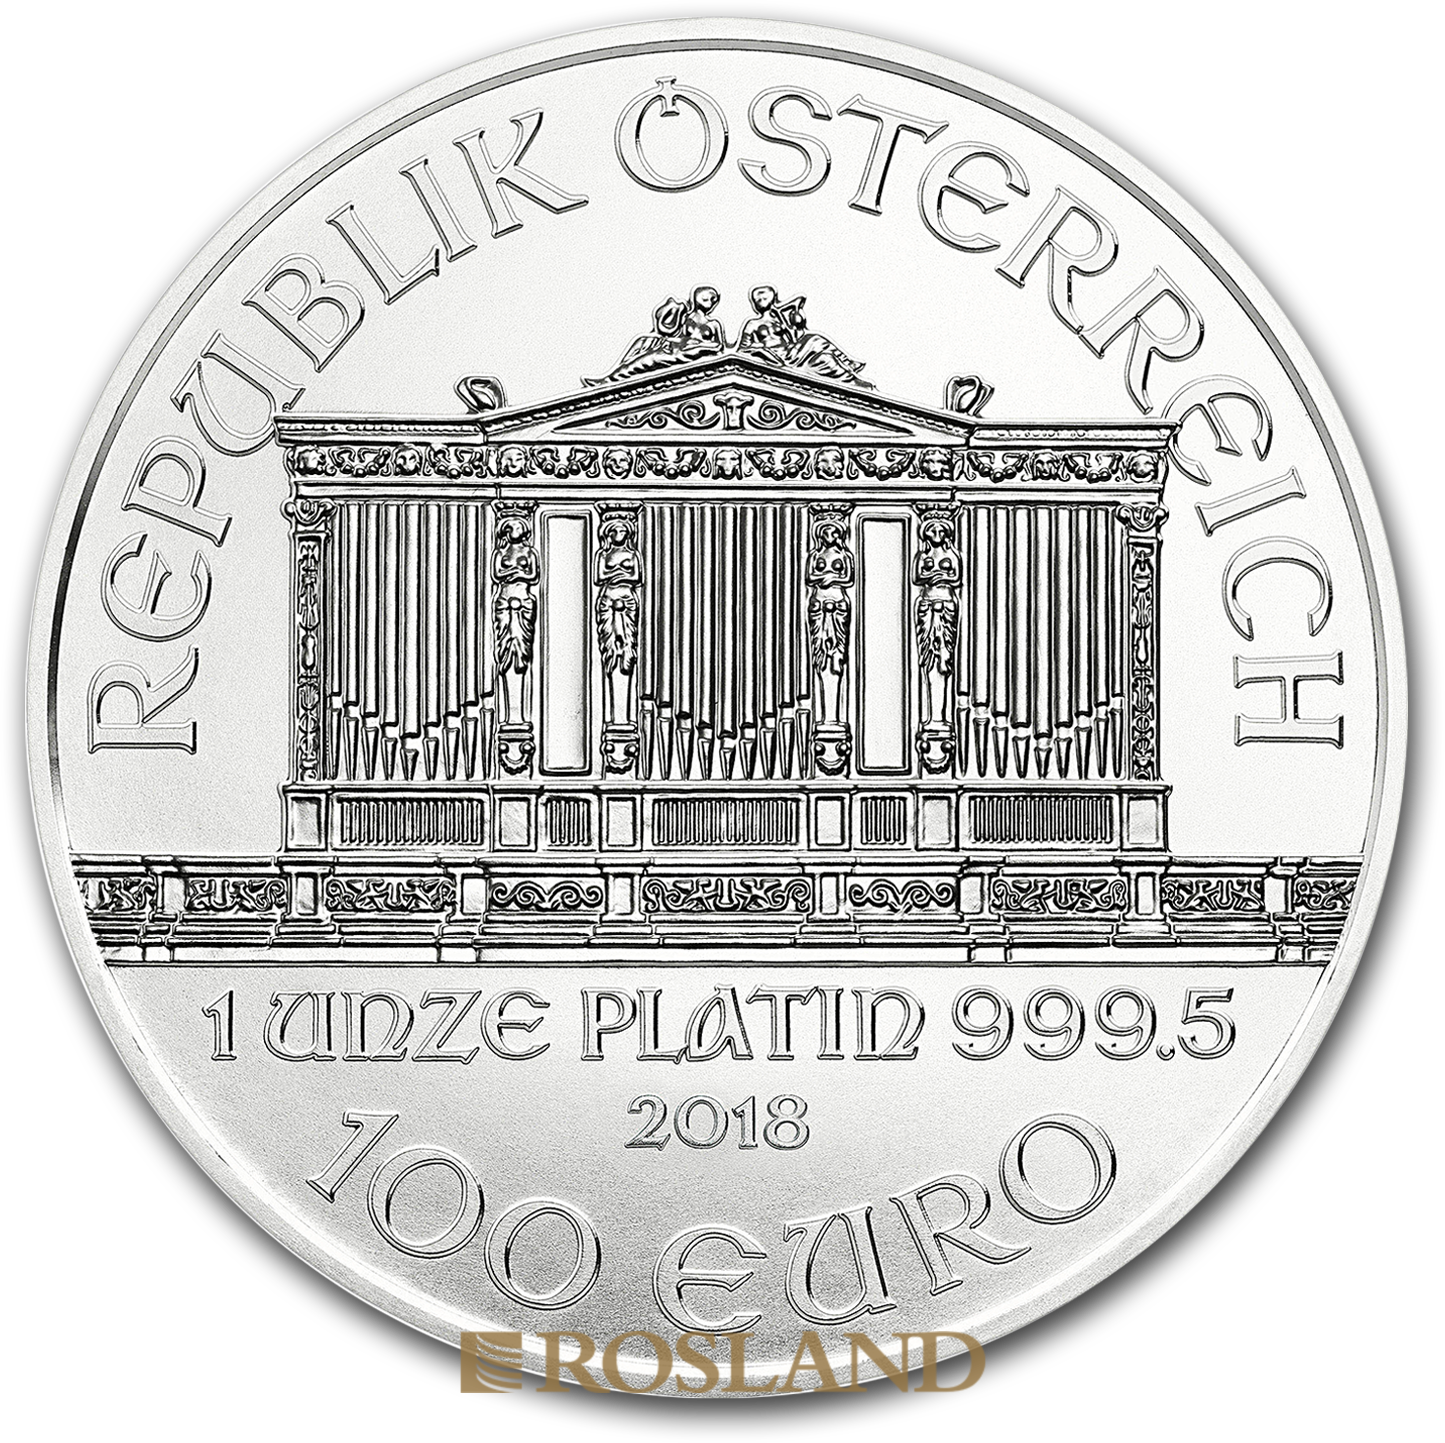 1 Unze Platinmünze Wiener Philharmoniker 2018